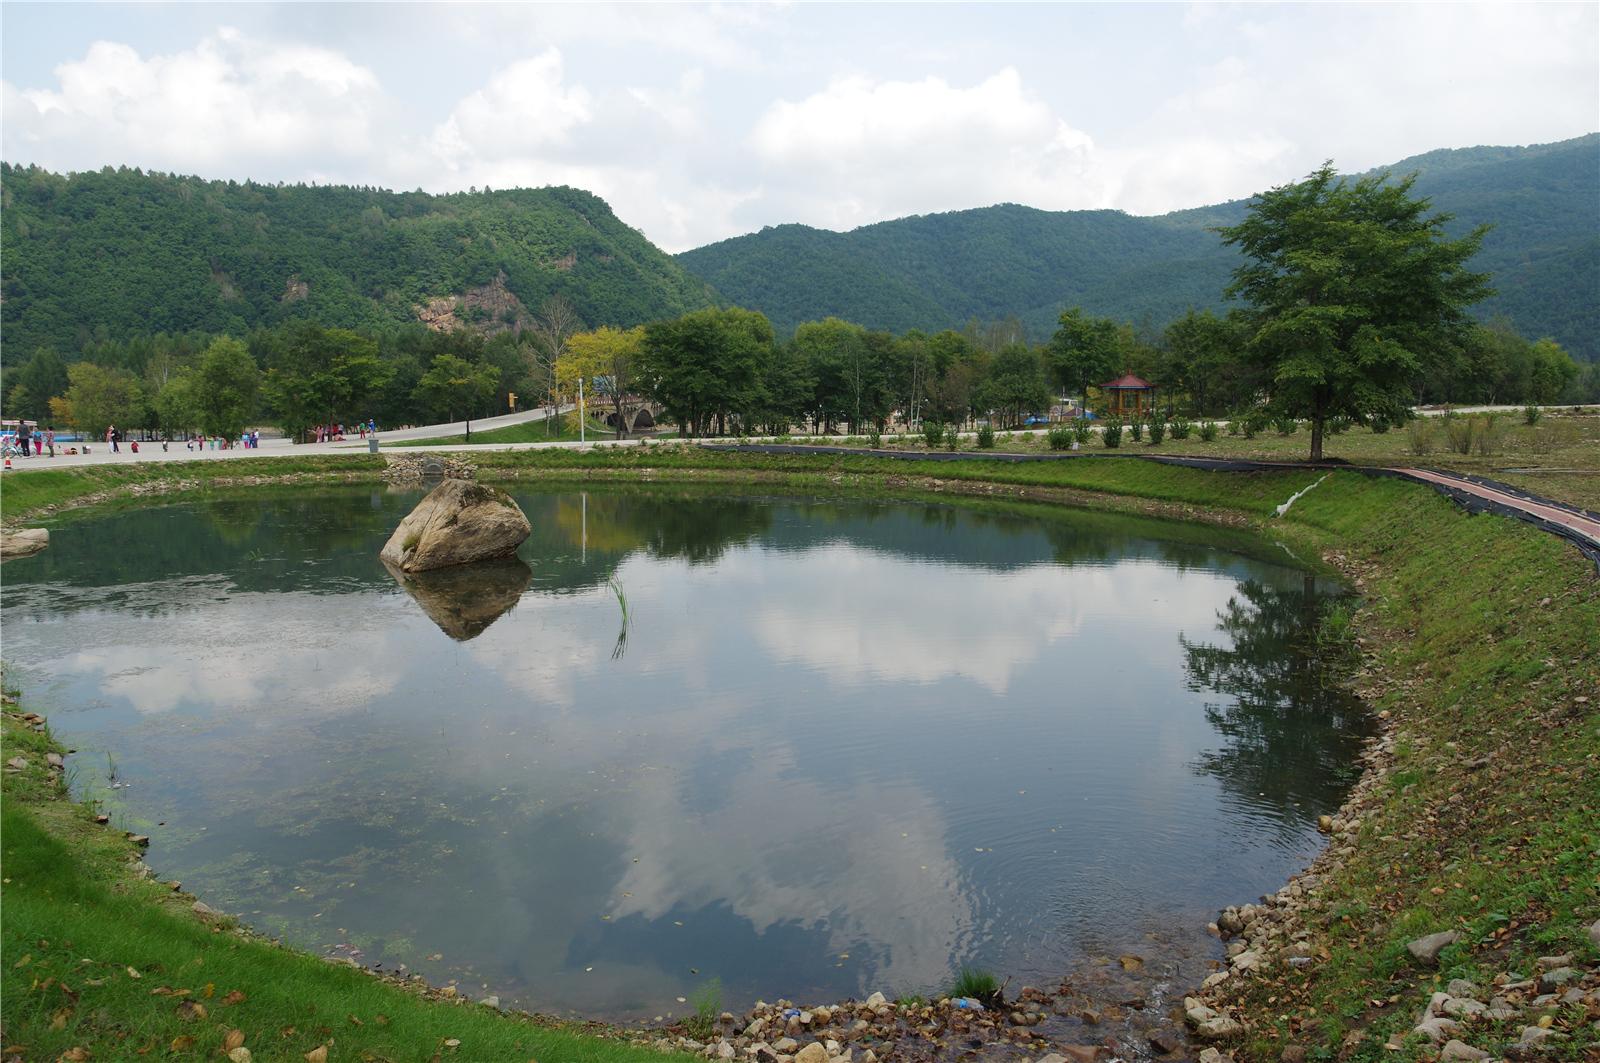 初游九峰山风景区 - 摄影天地